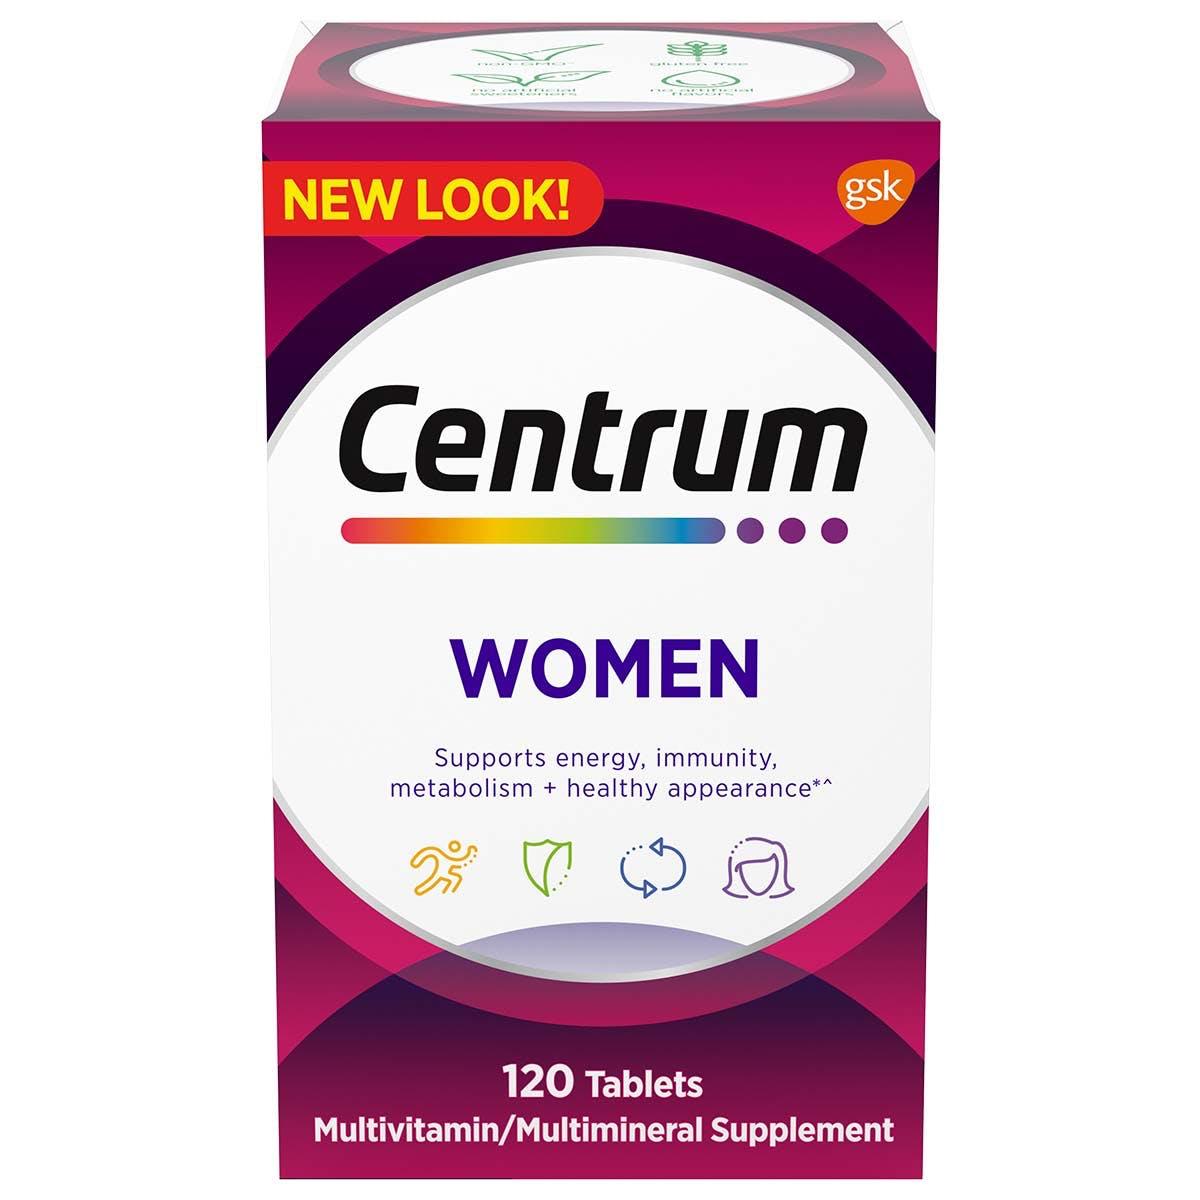 Centrum Women multivitamins - previous packadging